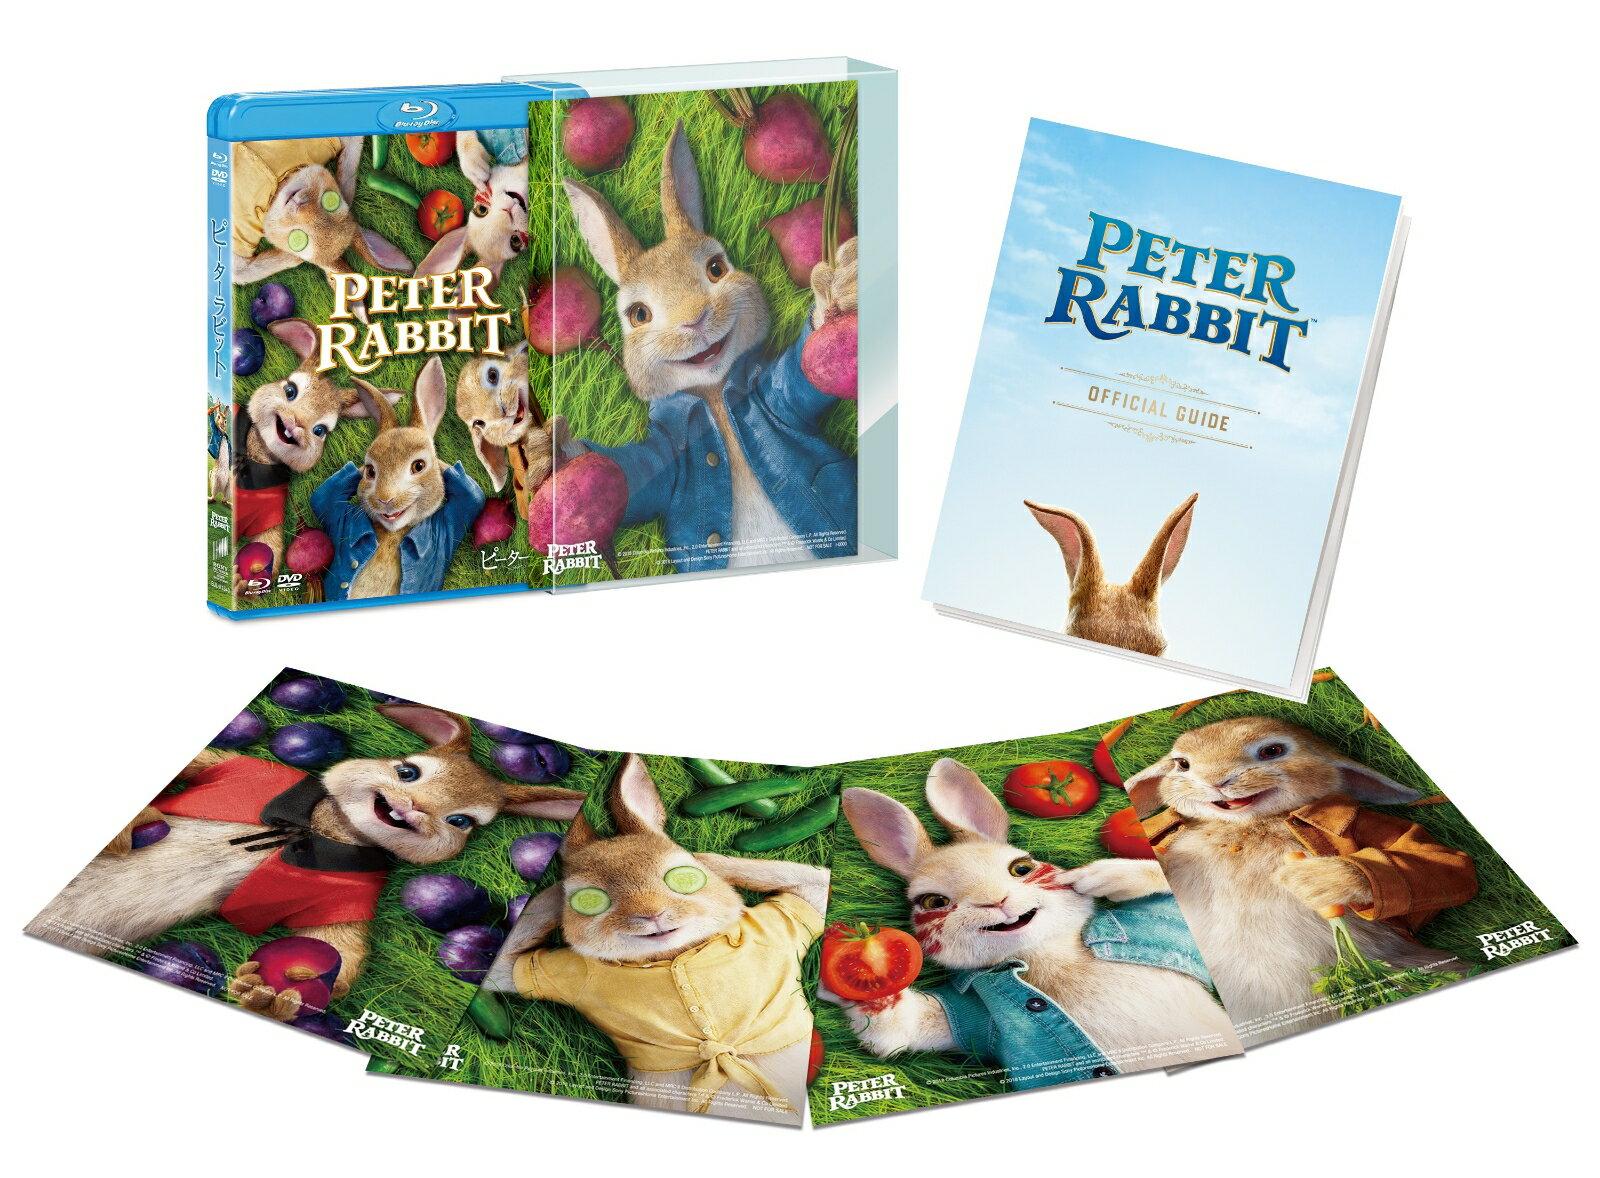 ピーターラビット ブルーレイ&DVDセット(初回生産限定)【Blu-ray】 [ ジェームズ・コーデン ]